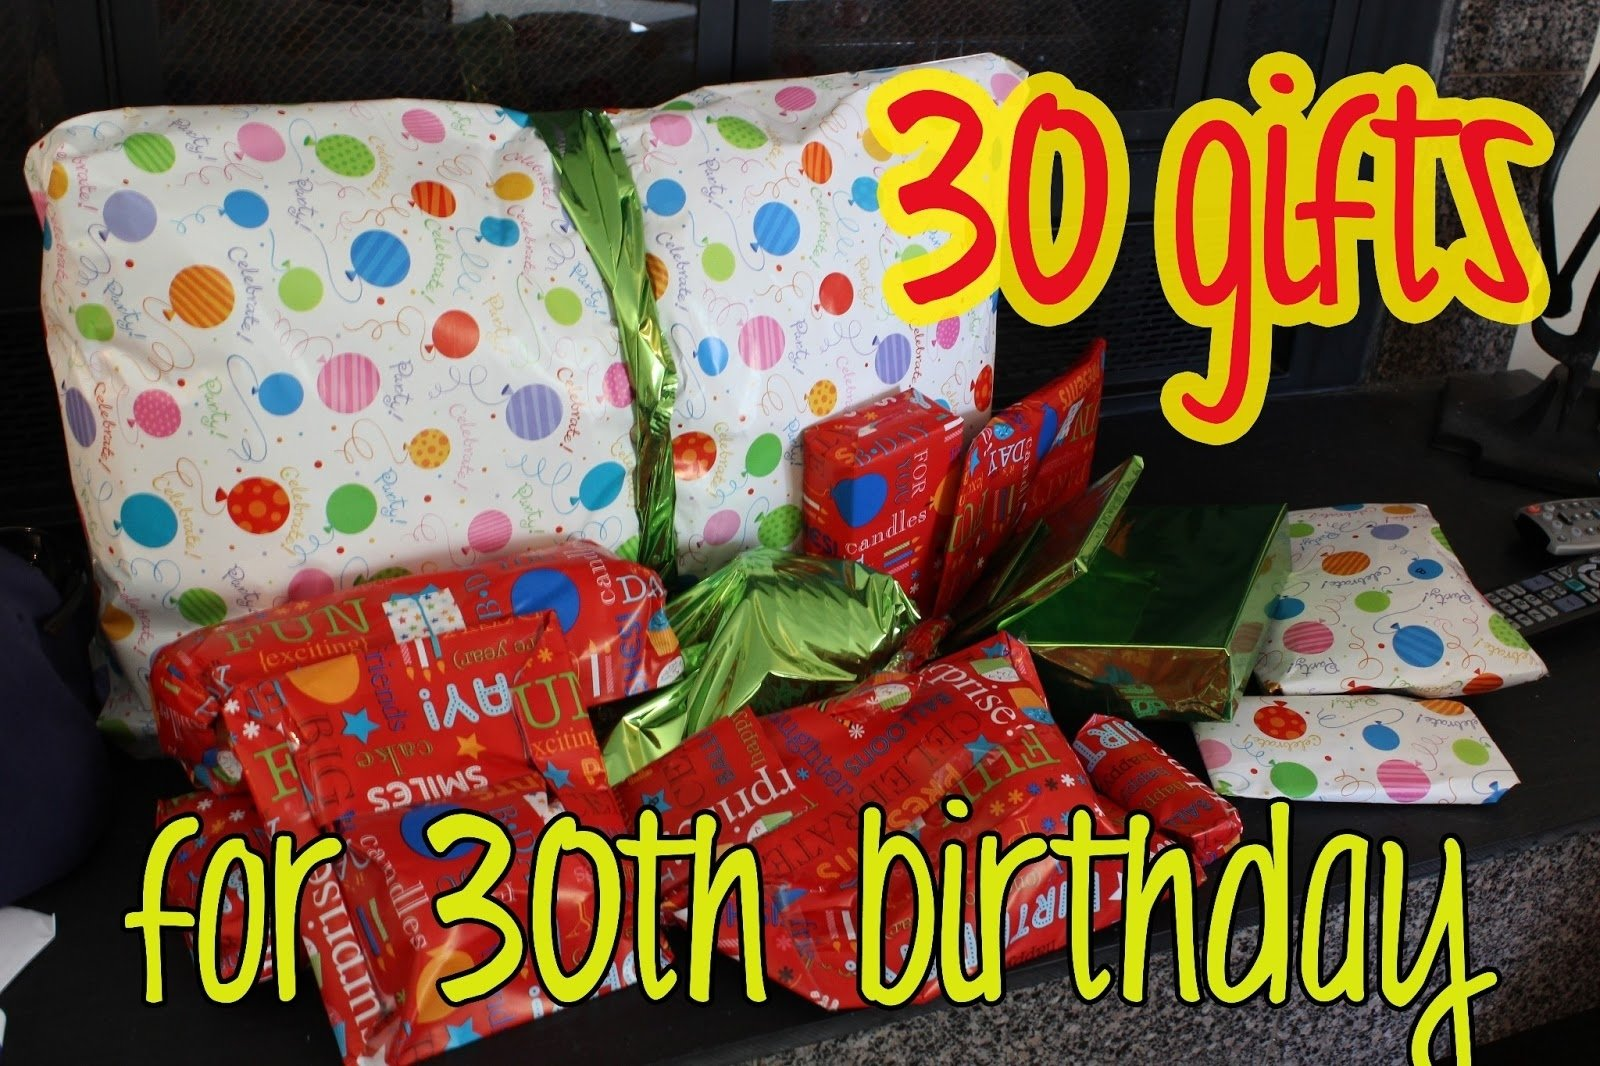 10 Unique Unique 30Th Birthday Gift Ideas love elizabethany gift idea 30 gifts for 30th birthday 19 2020